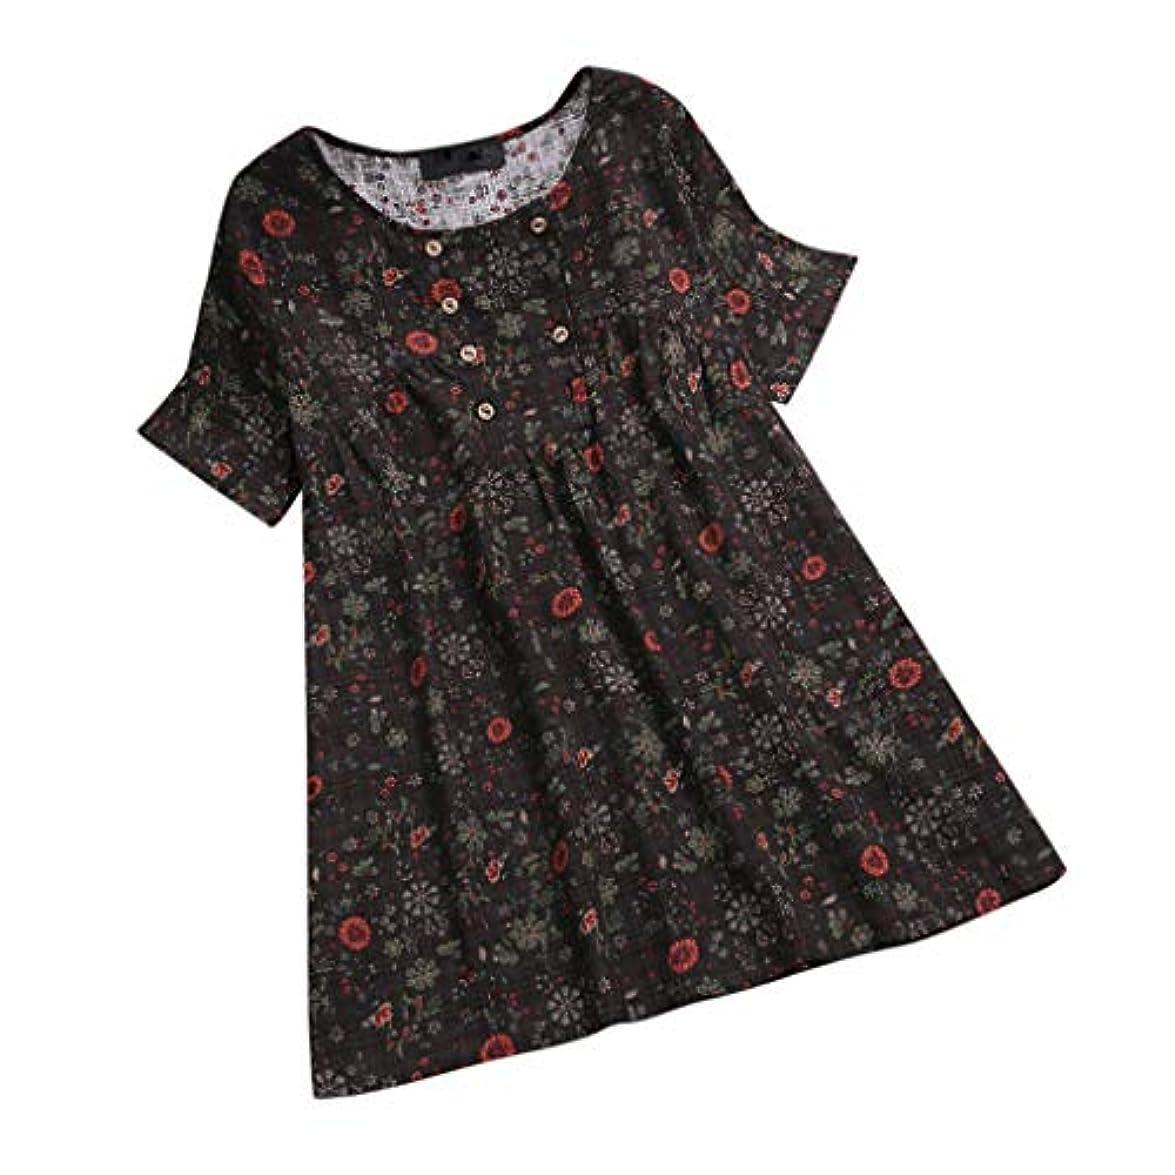 空中輝度可動式レディース tシャツ プラスサイズ 半袖 丸首 花柄 ボタン ビンテージ チュニック トップス 短いドレス ブラウス 人気 夏服 快適な 軽い 柔らかい かっこいい ワイシャツ カジュアル シンプル オシャレ 春夏秋 対応